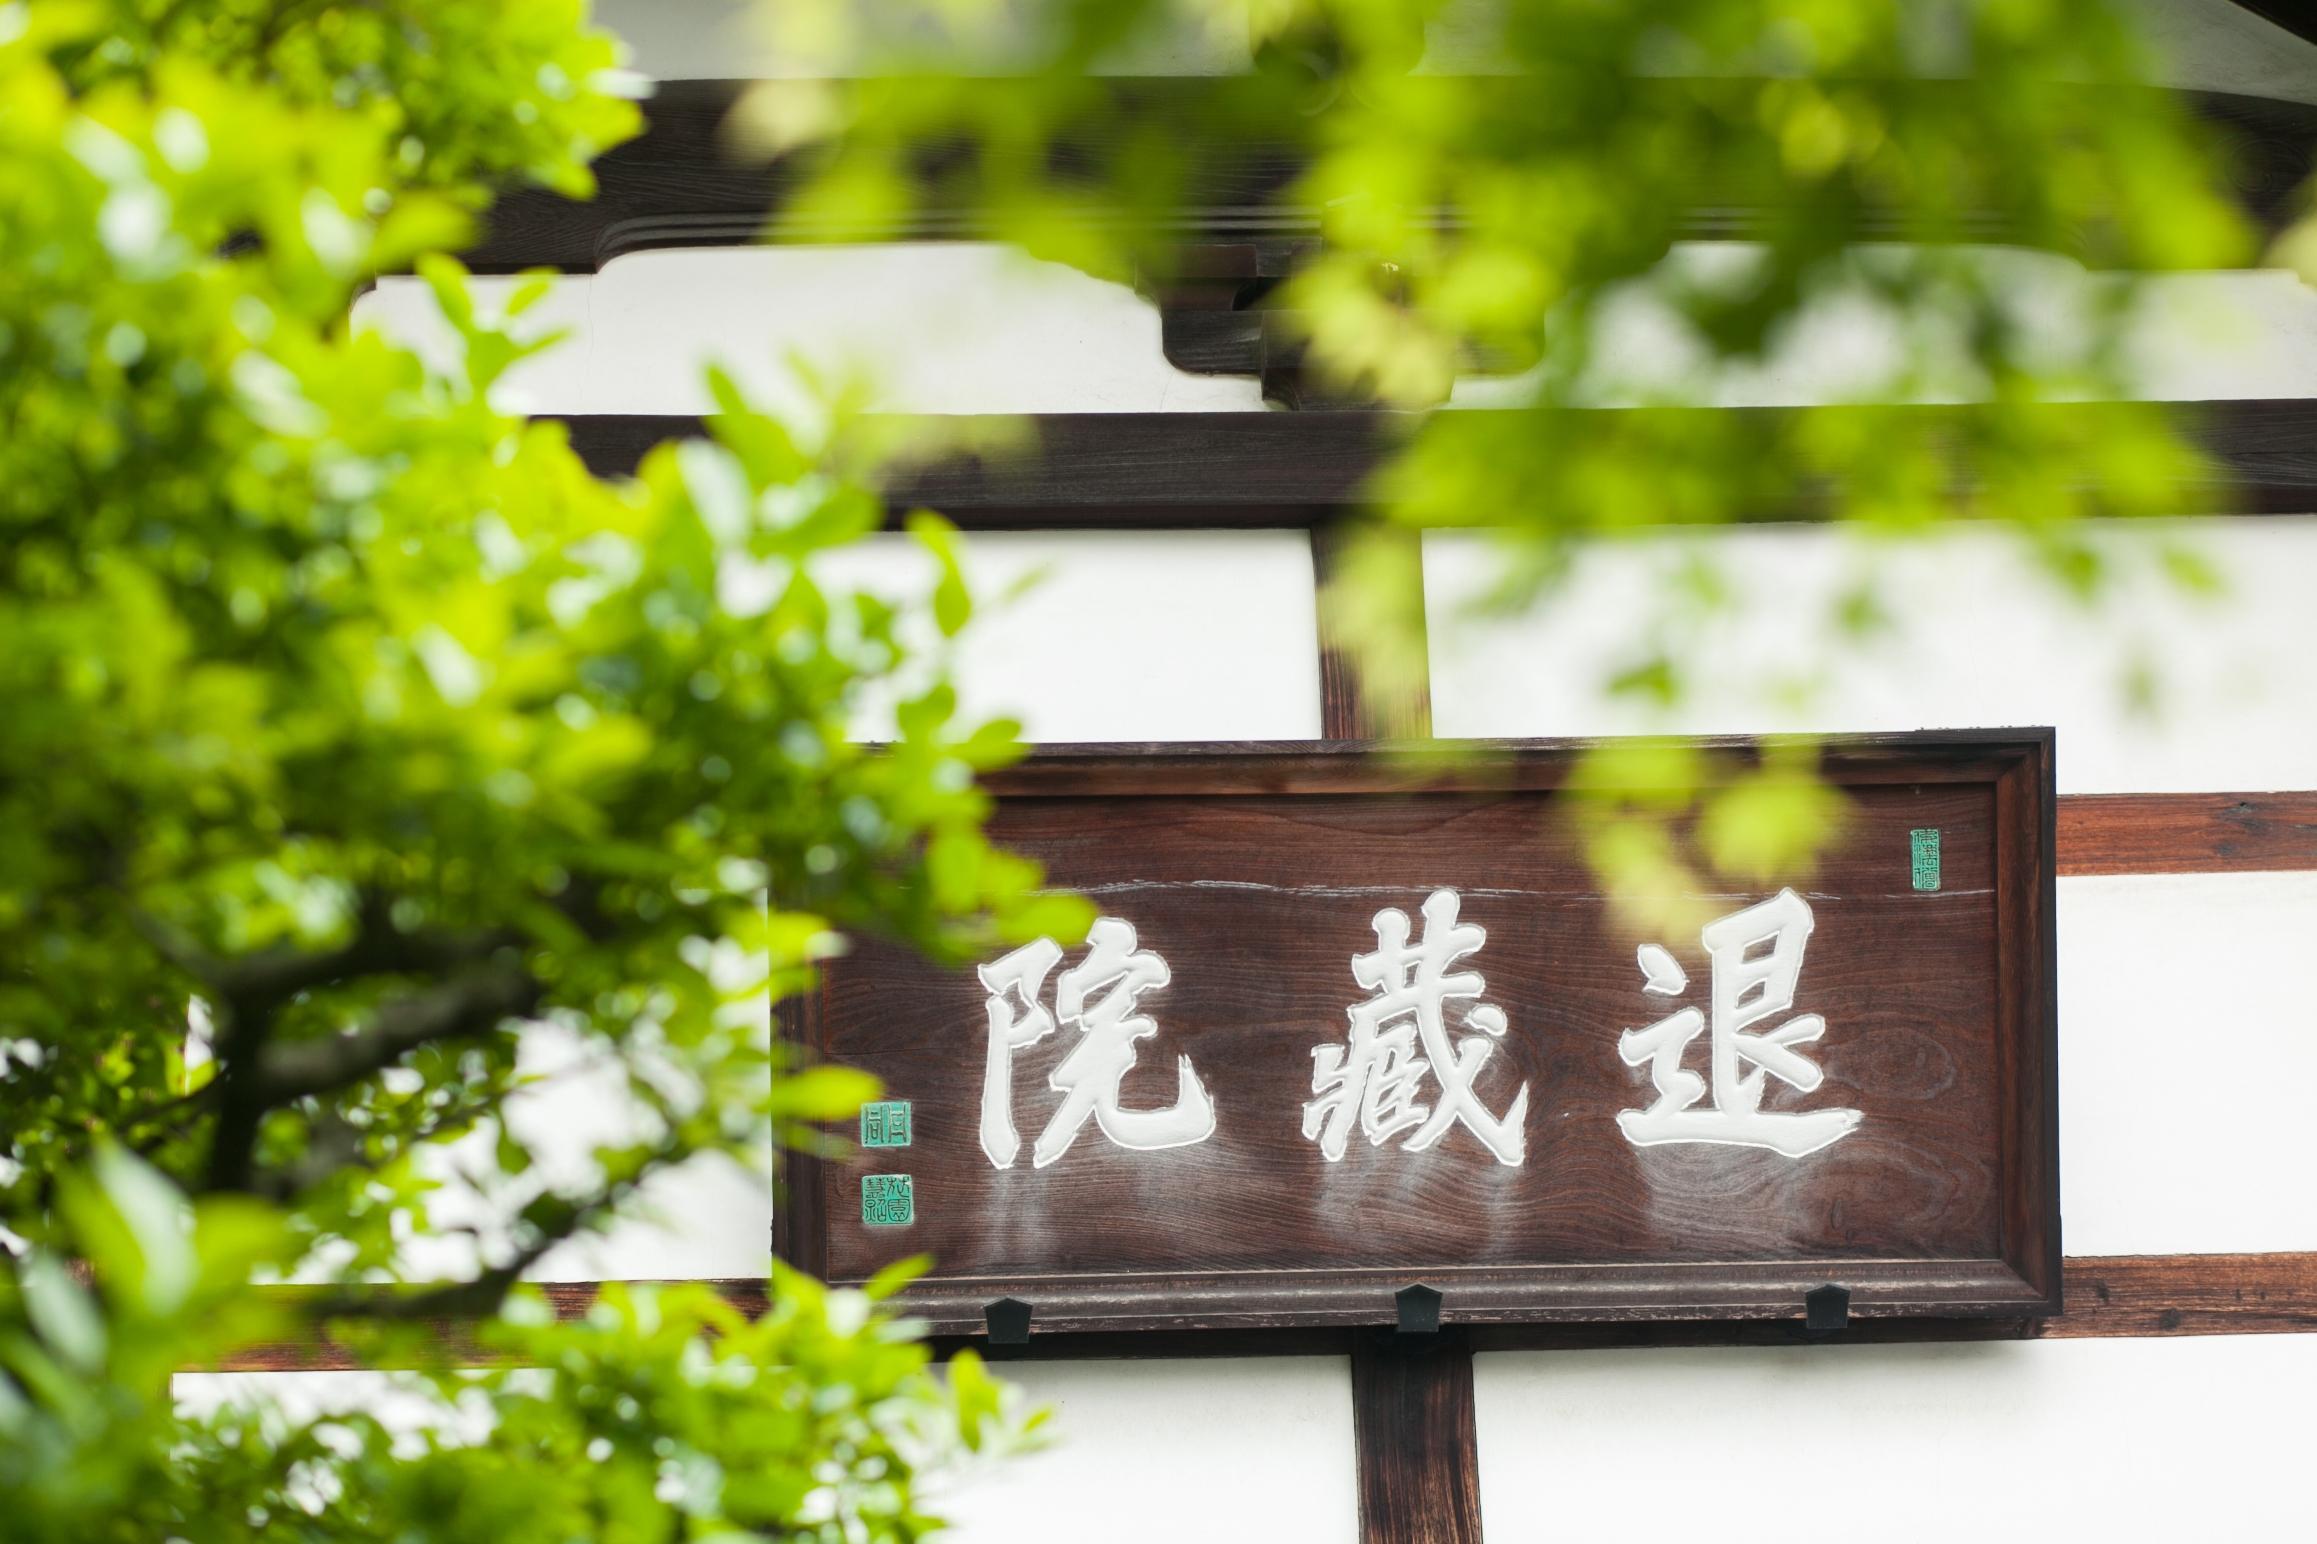 【京都仏前結婚式】妙心寺退蔵院での結婚式プロデュース!